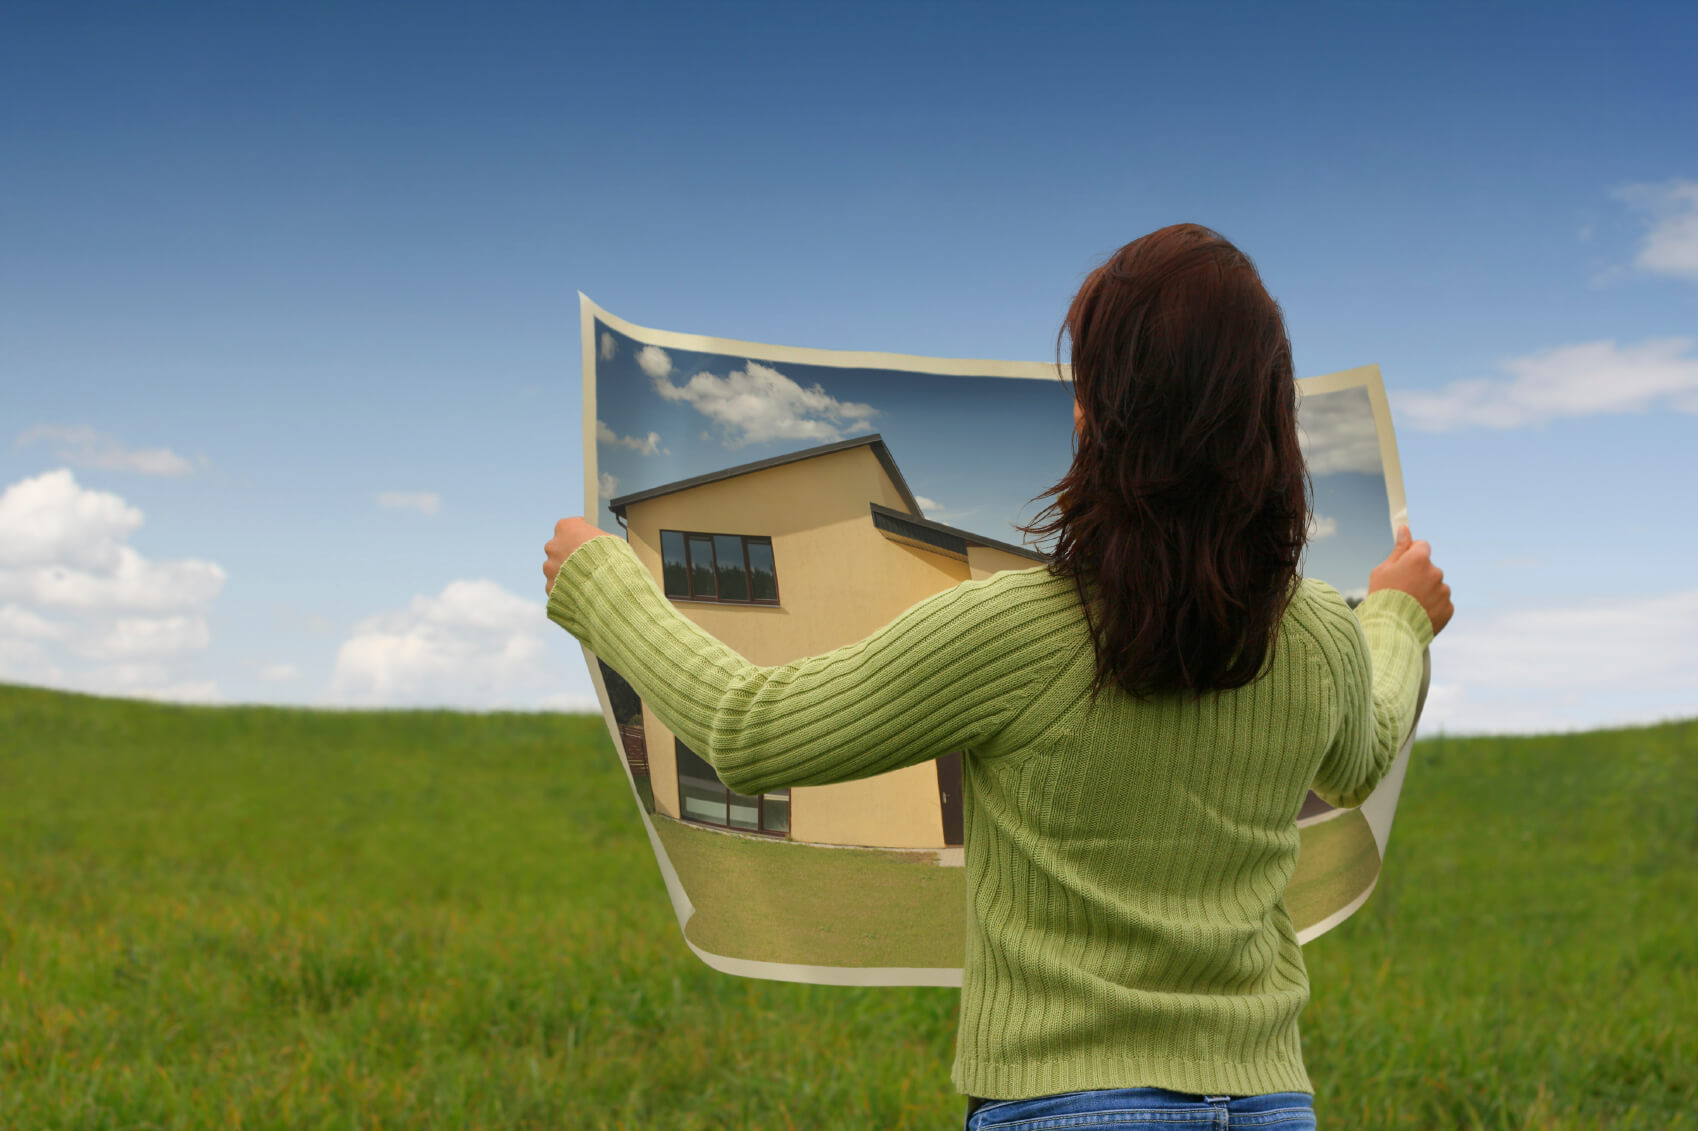 Какой предусмотрен порядок предоставления земельных участков многодетным семьям